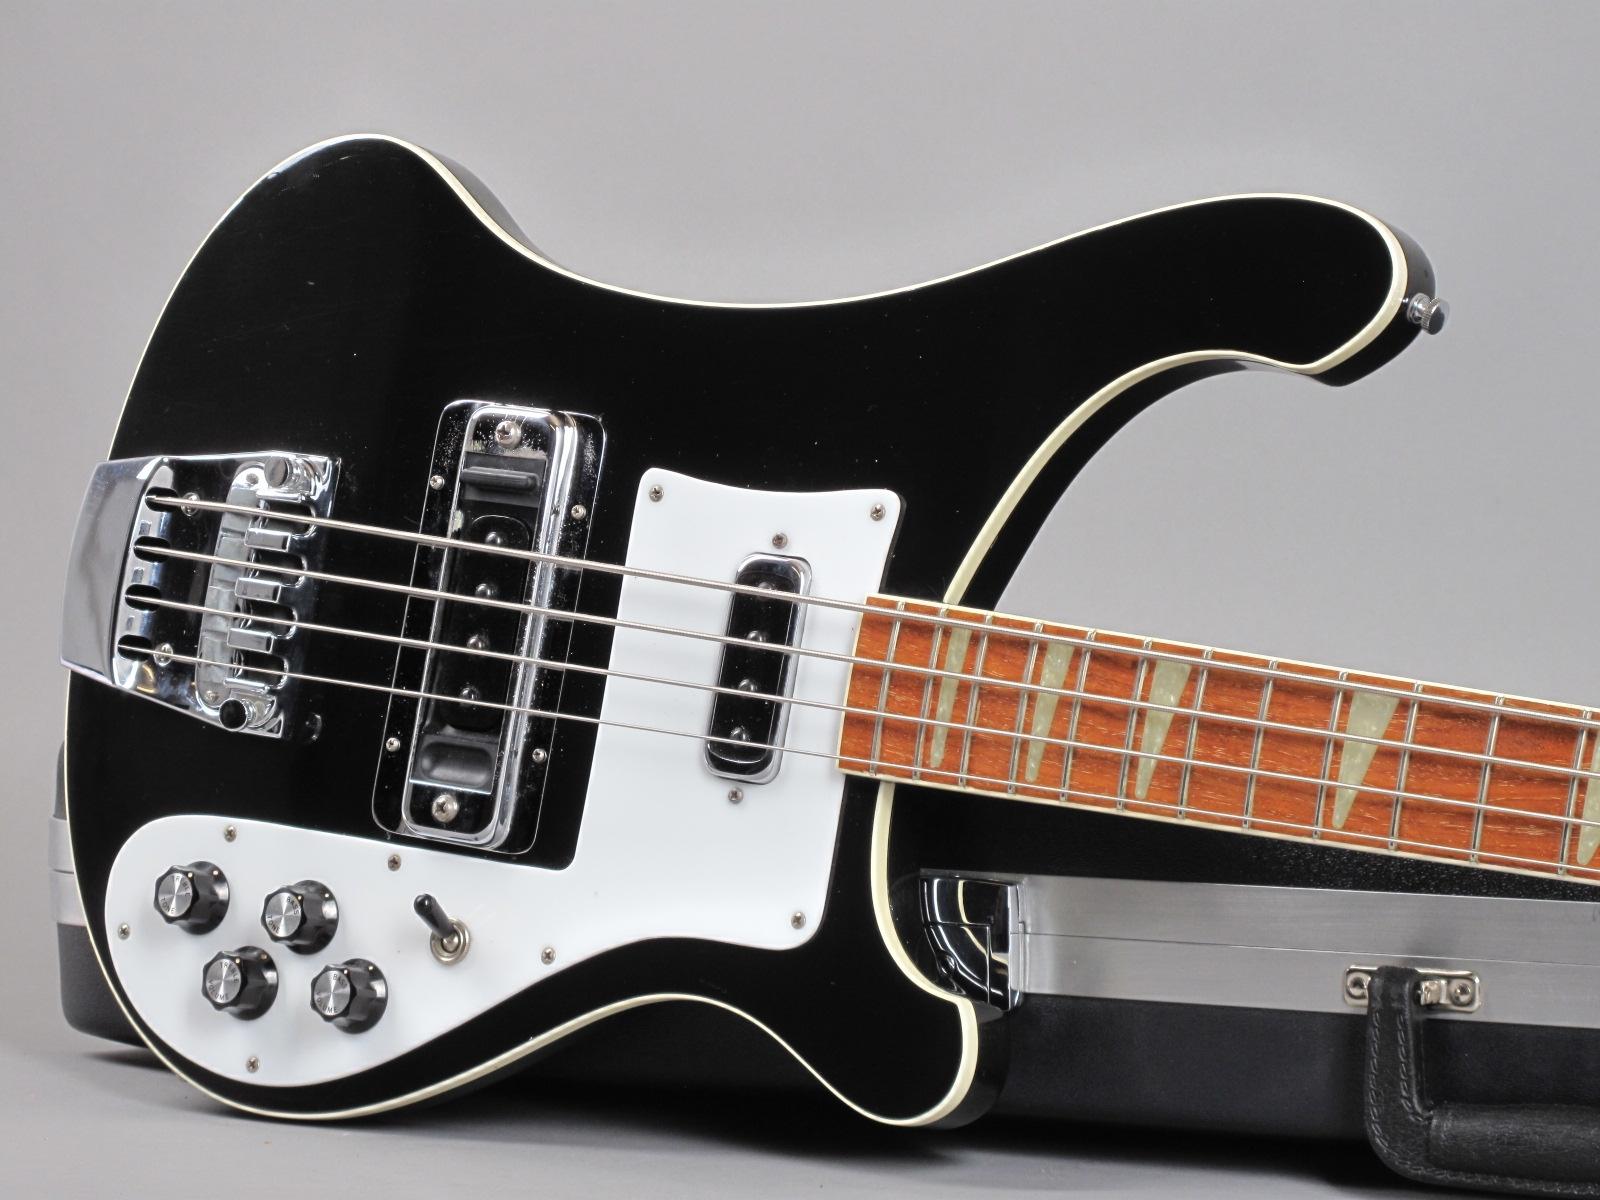 https://guitarpoint.de/app/uploads/products/1976-rickenbacker-4001-jetglo/1976_Rickenbacker-4001-Jetglo-PL7986_19.jpg